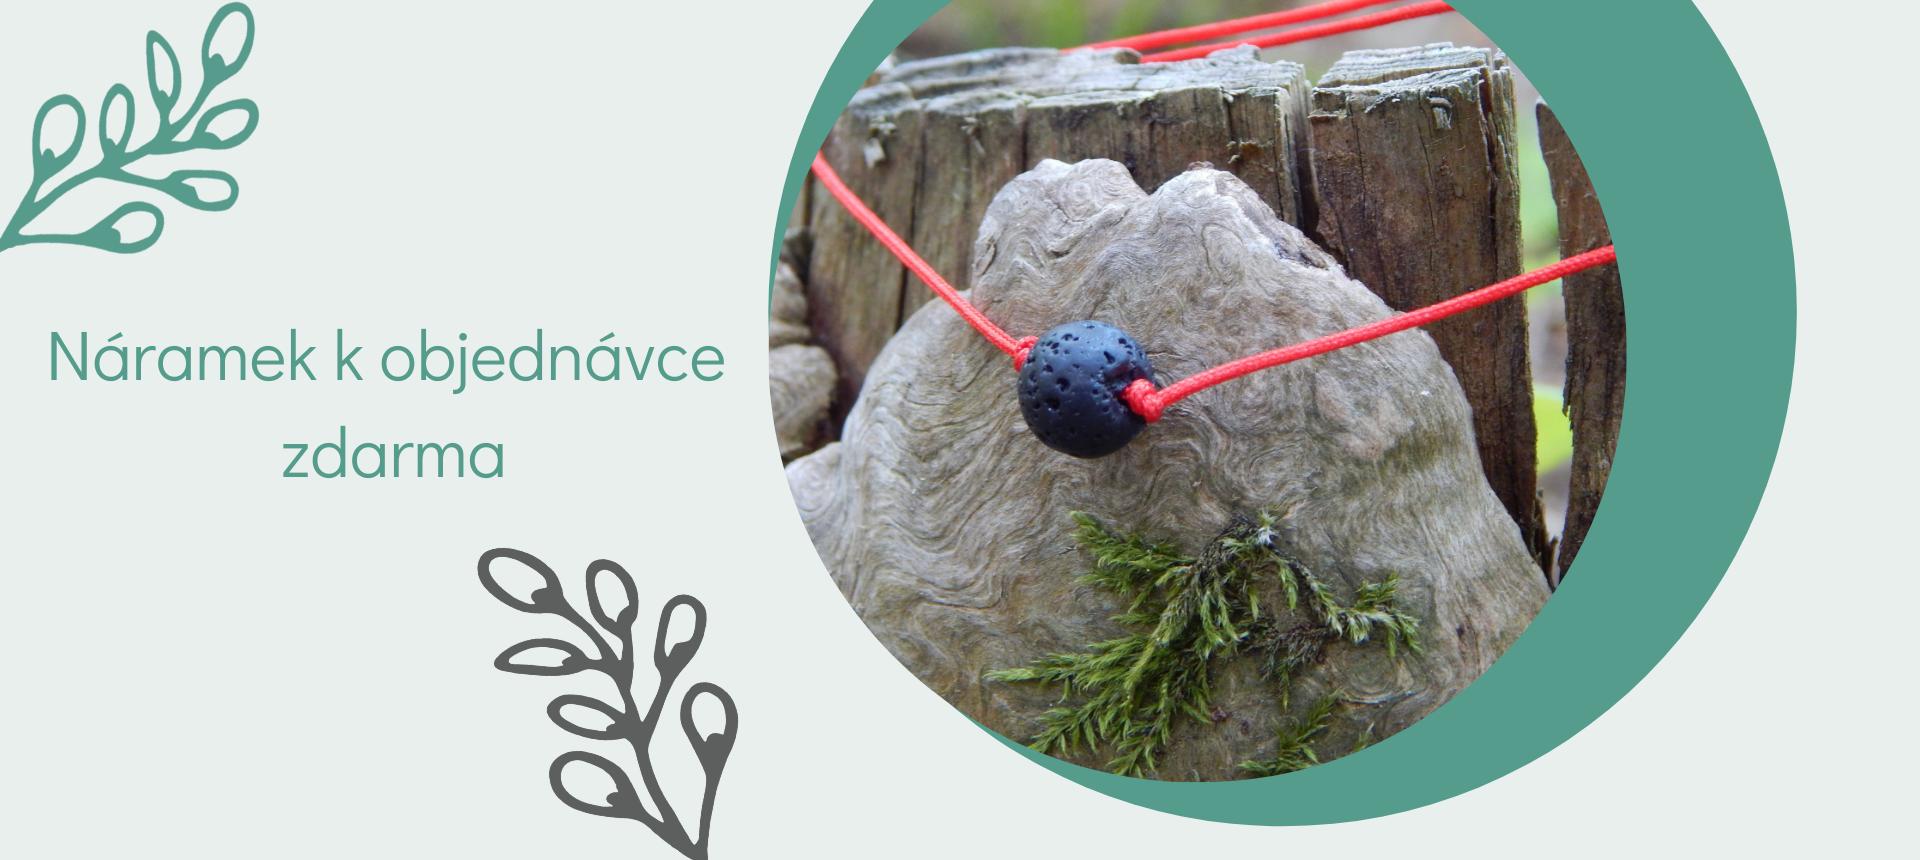 Šňurkový náramek s lávovým kamenem k objednávce zdarma obduro jewellery